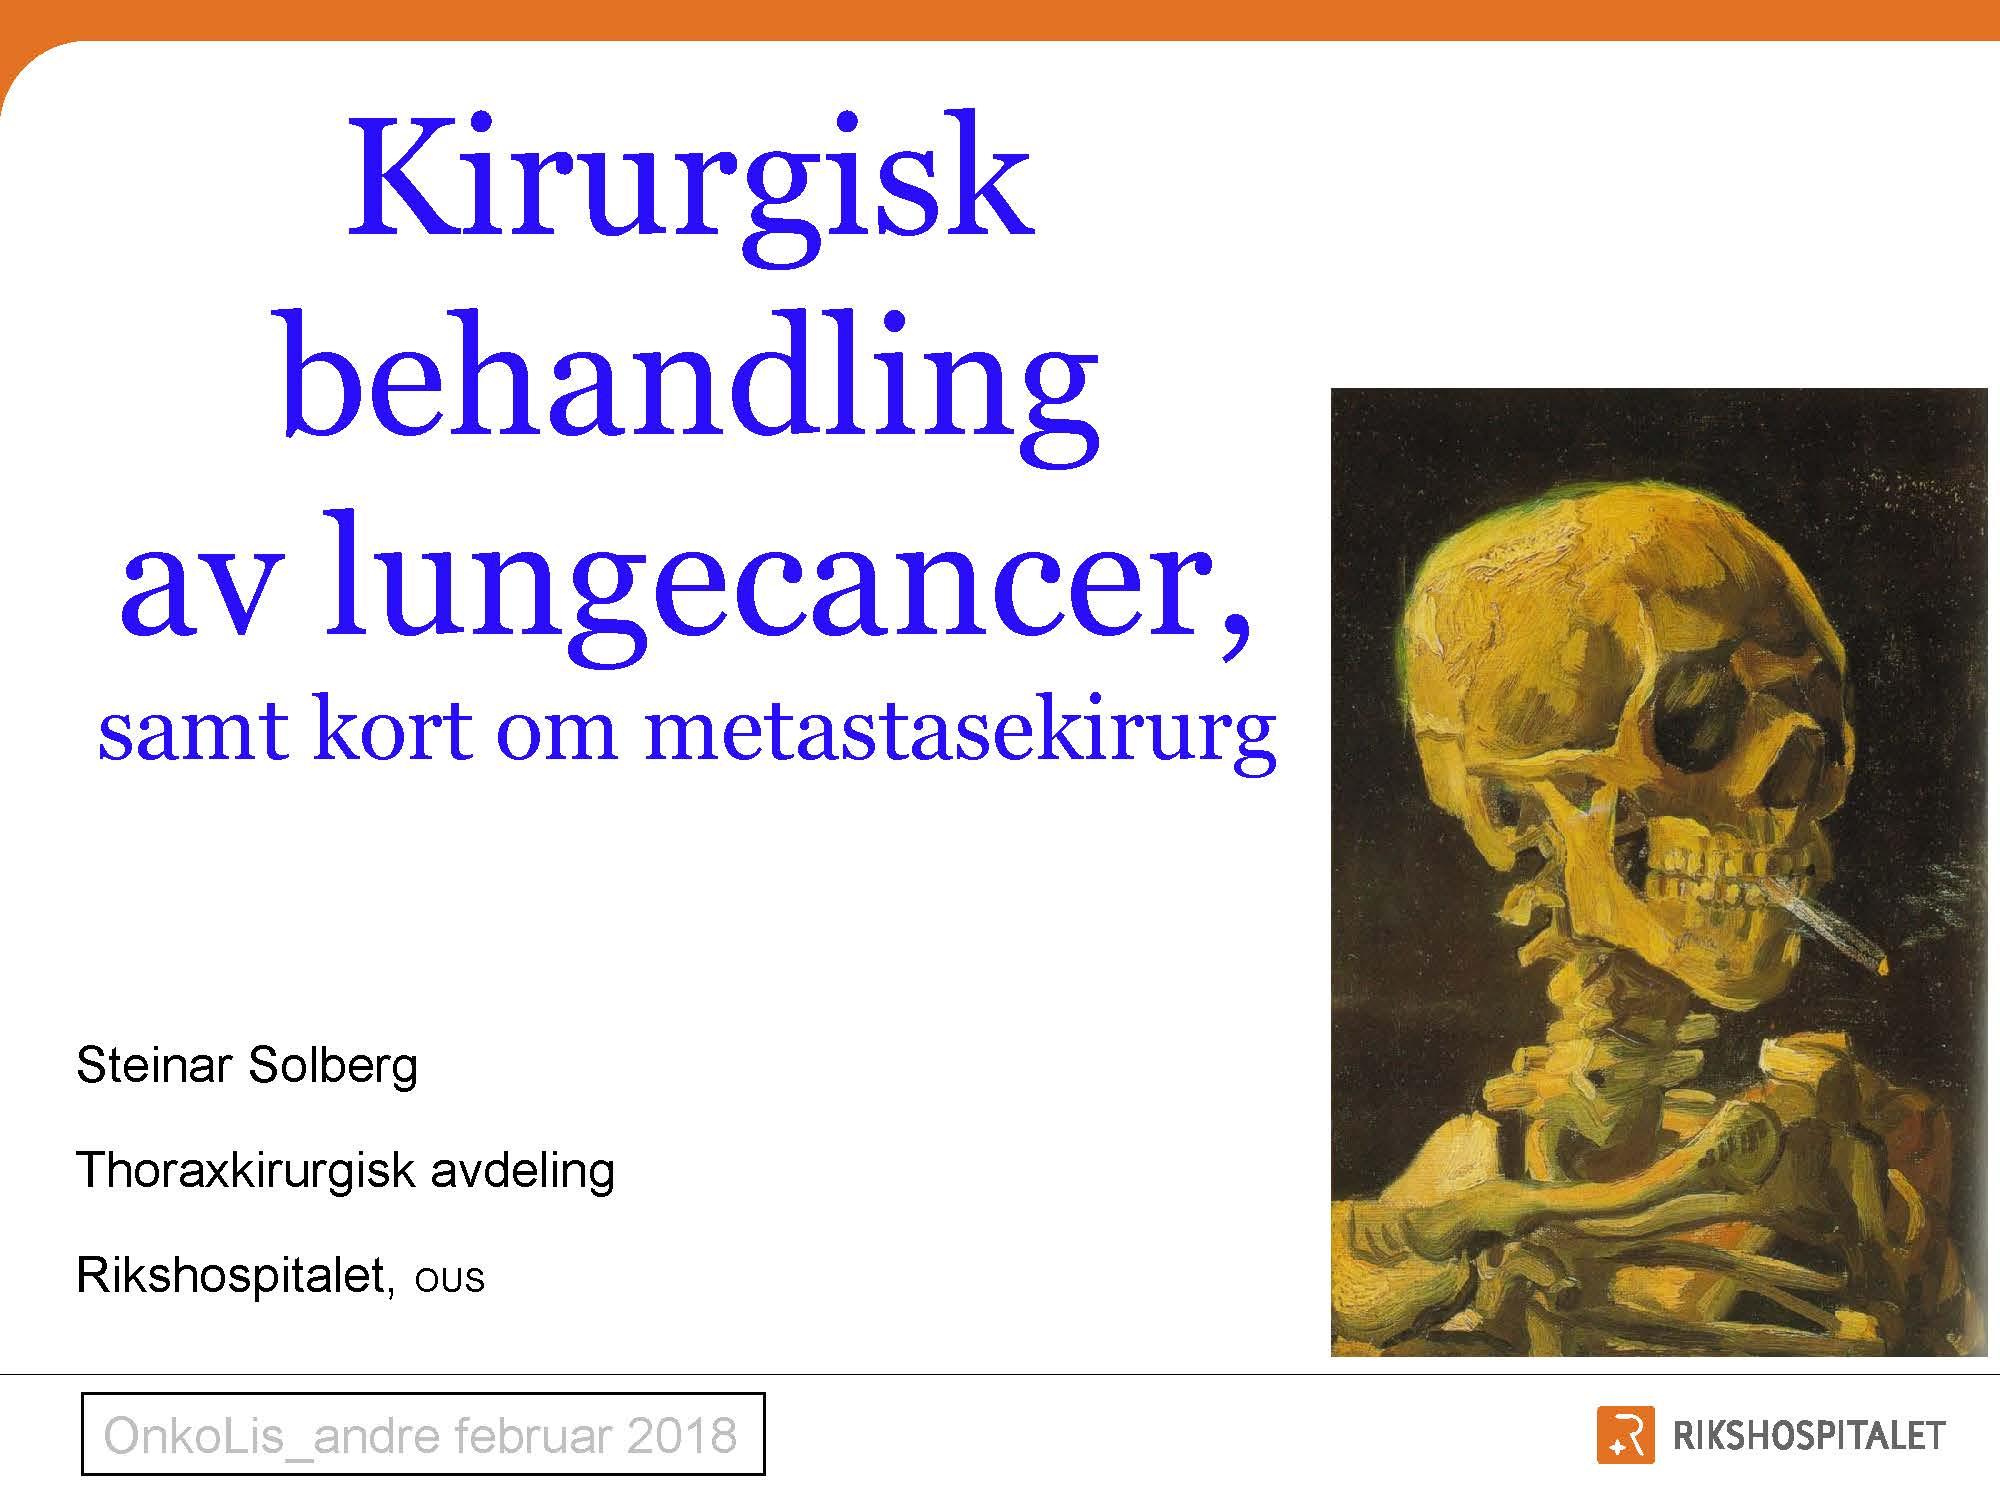 8. Kirurgisk behandling av lungecancer, Steinar Solberg